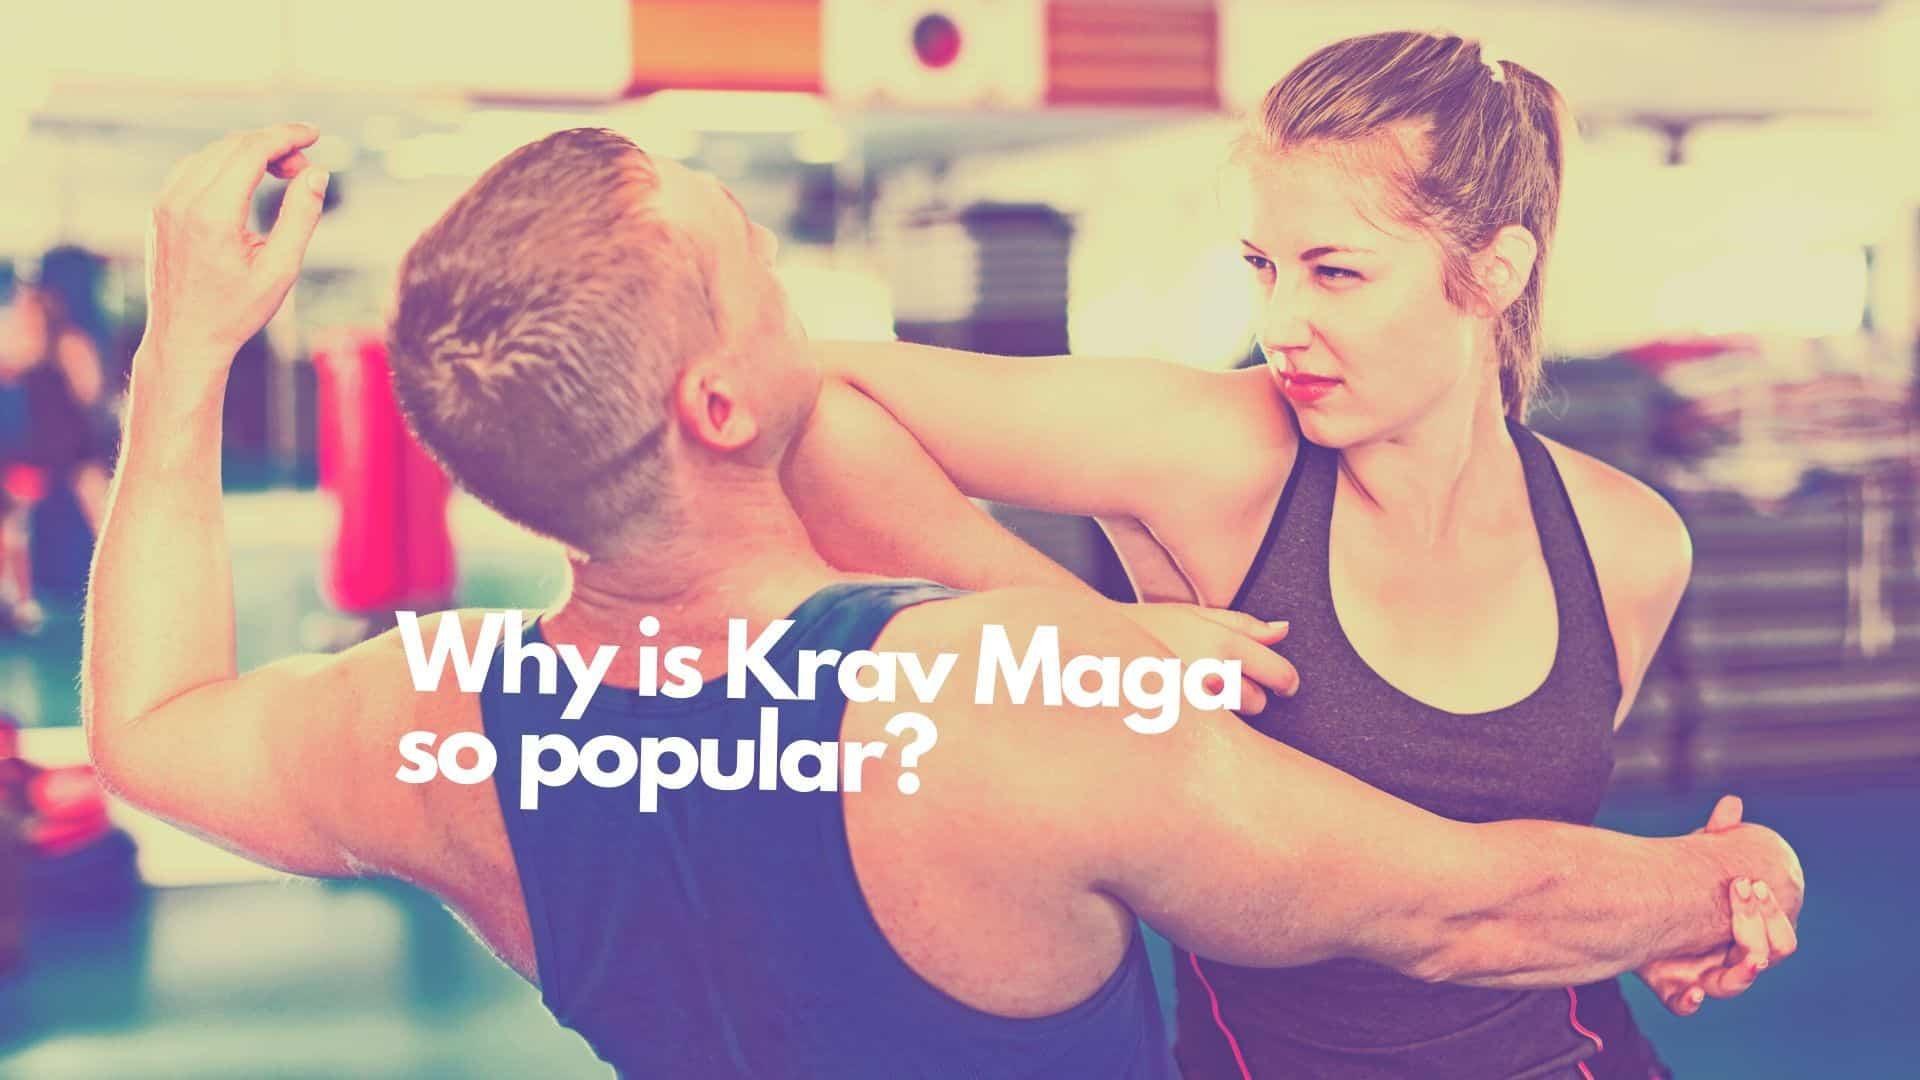 Why is krav maga so popular